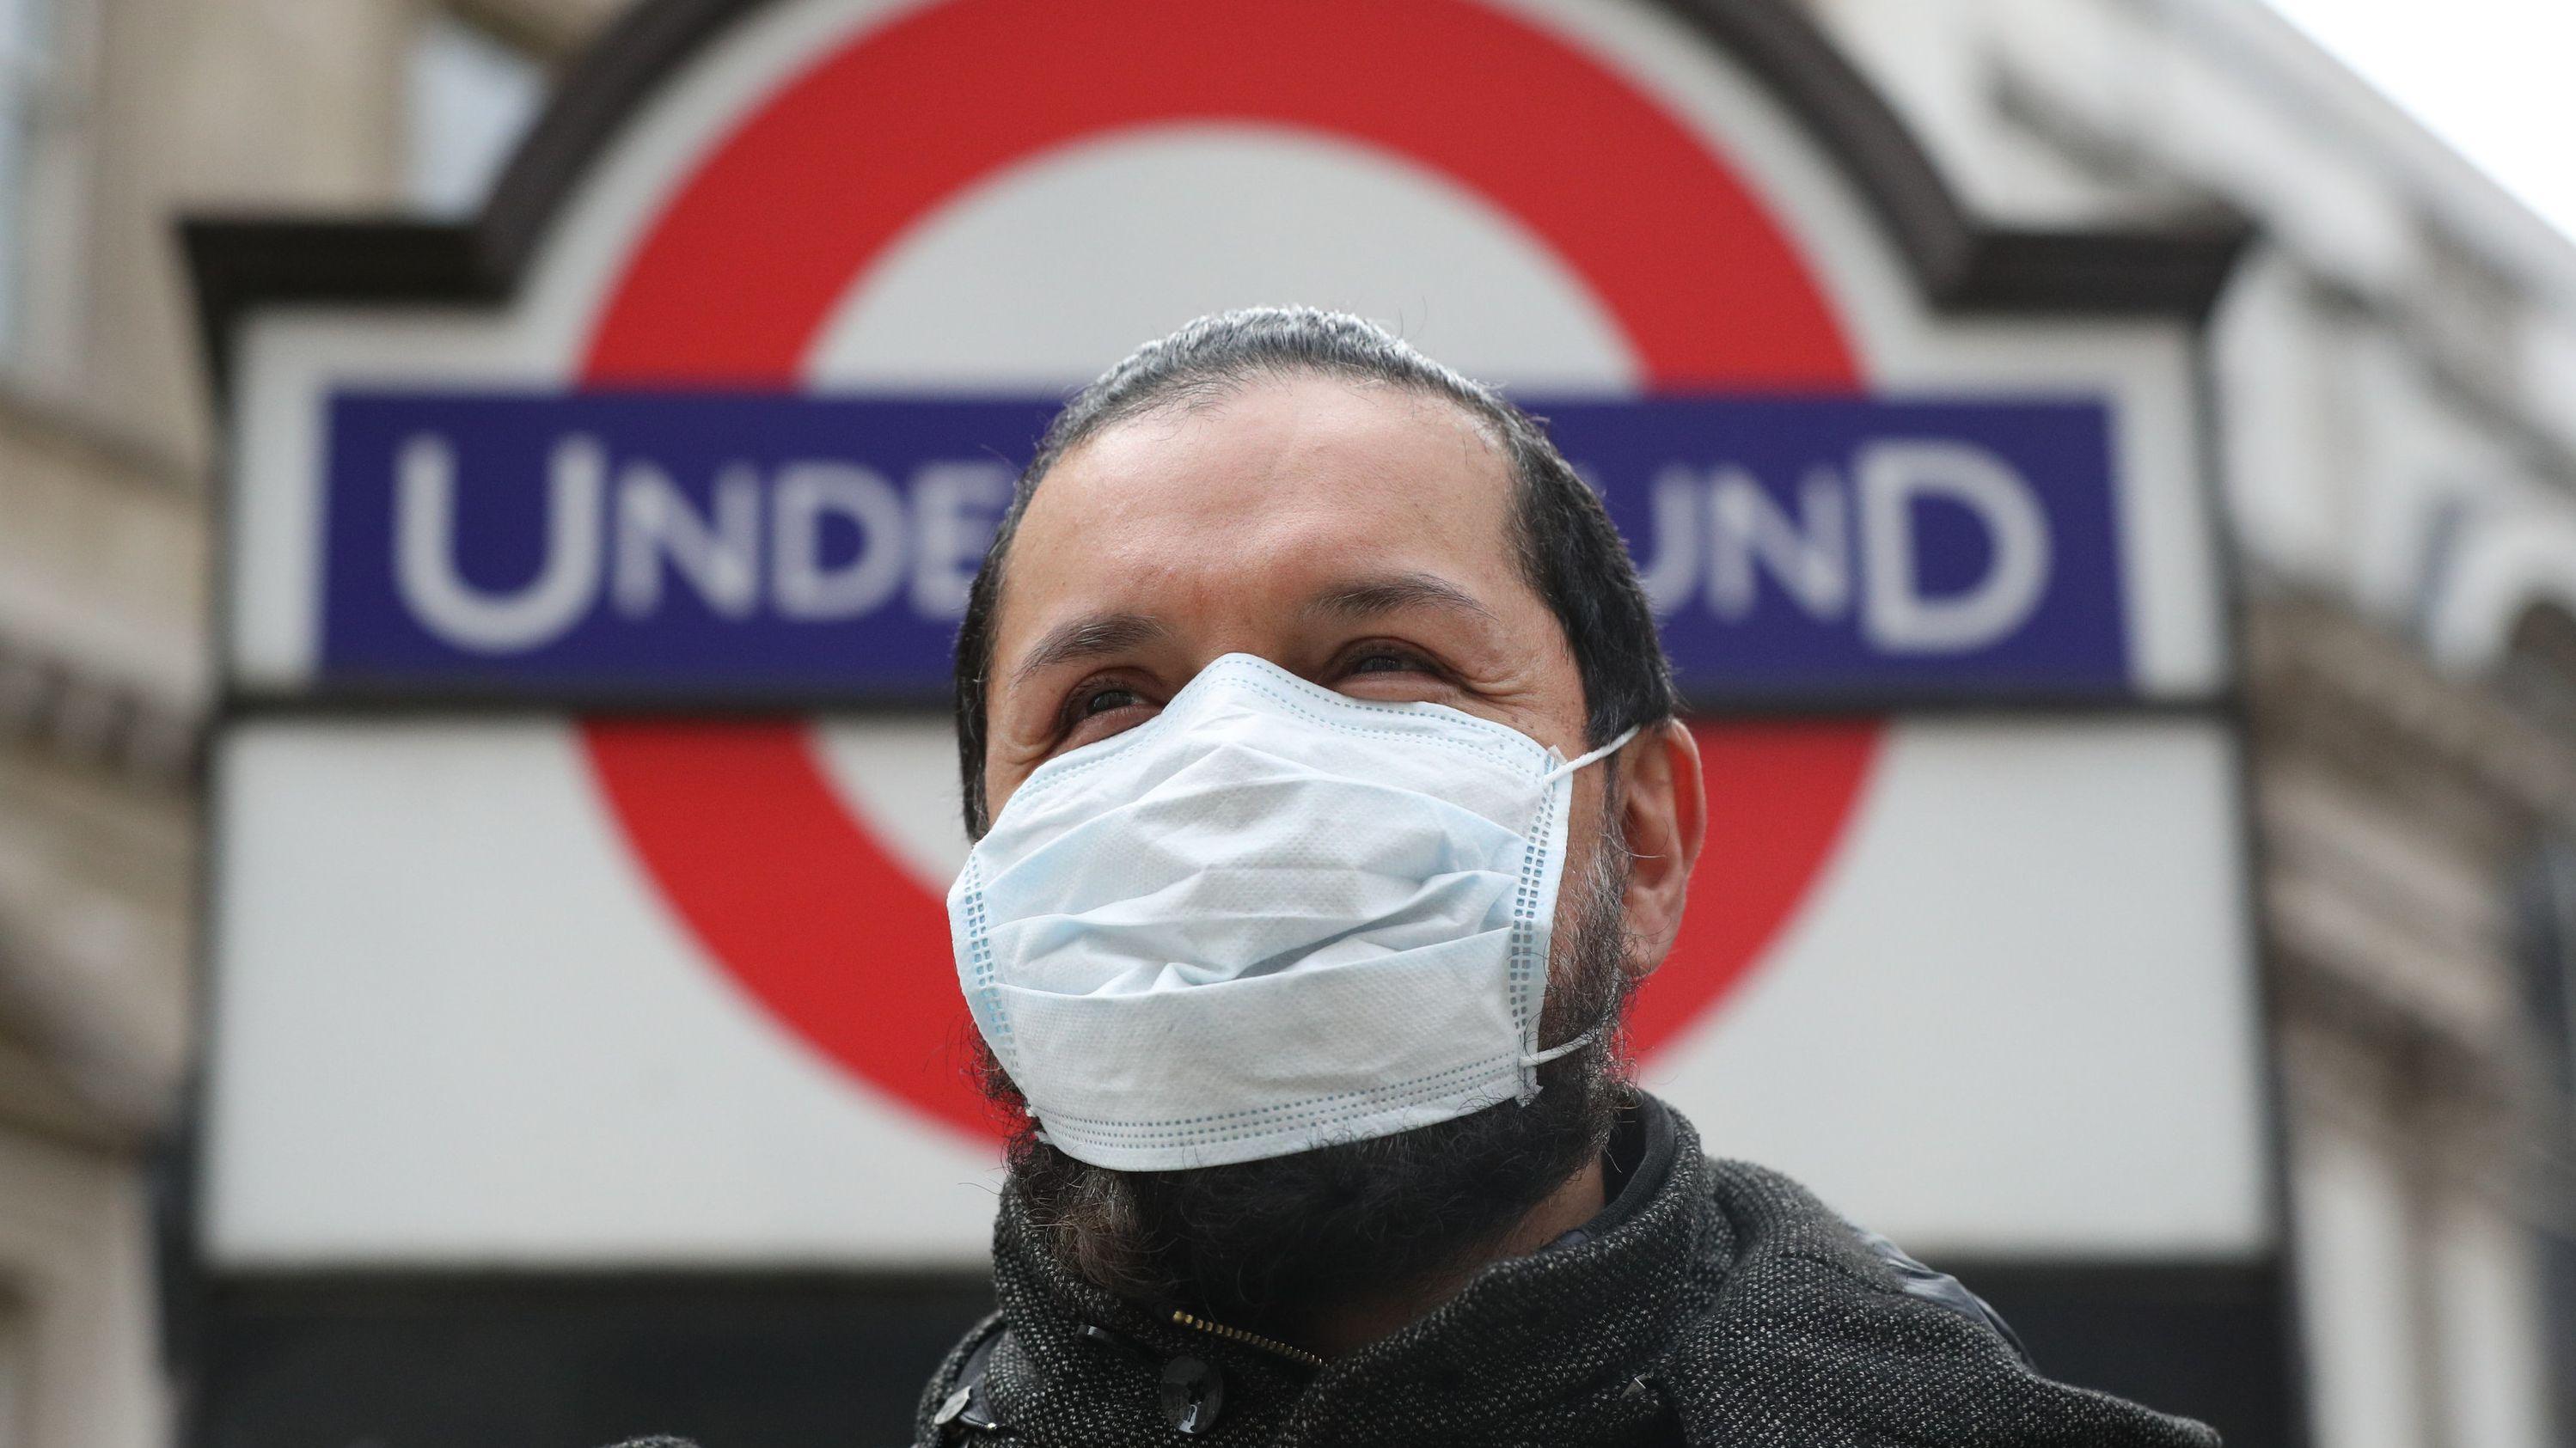 Ein Mann mit Mundschutz vor einem Eingang zur Londoner U-Bahn